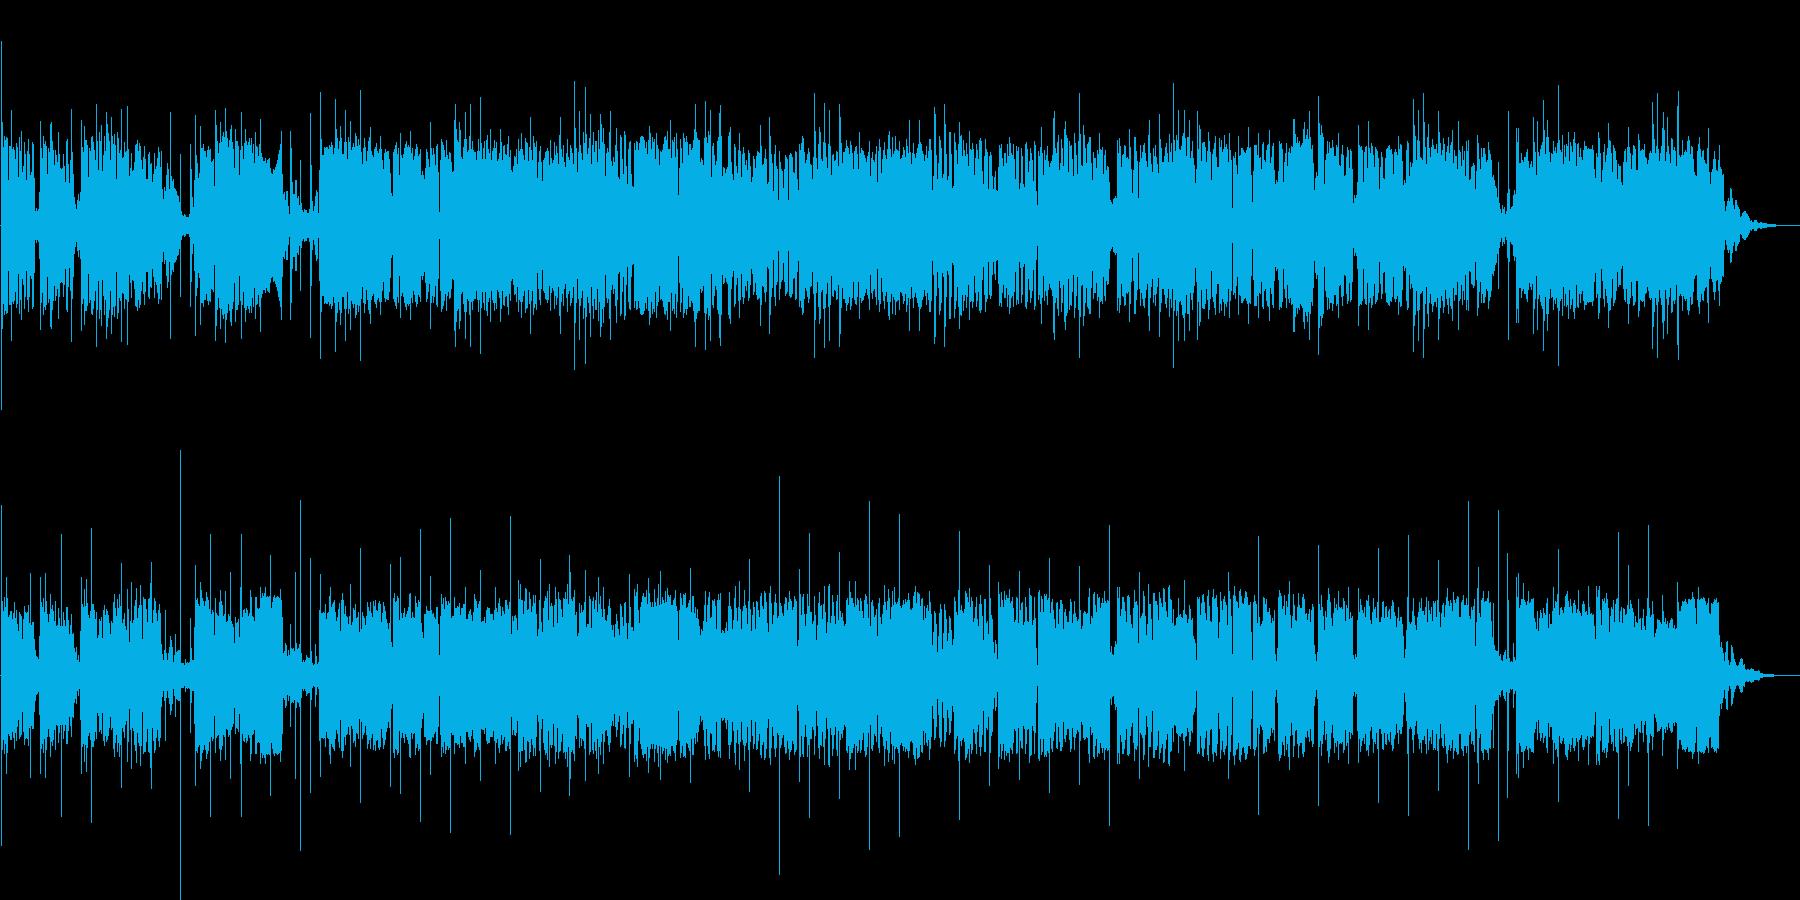 太鼓と笛の民族的な曲の再生済みの波形